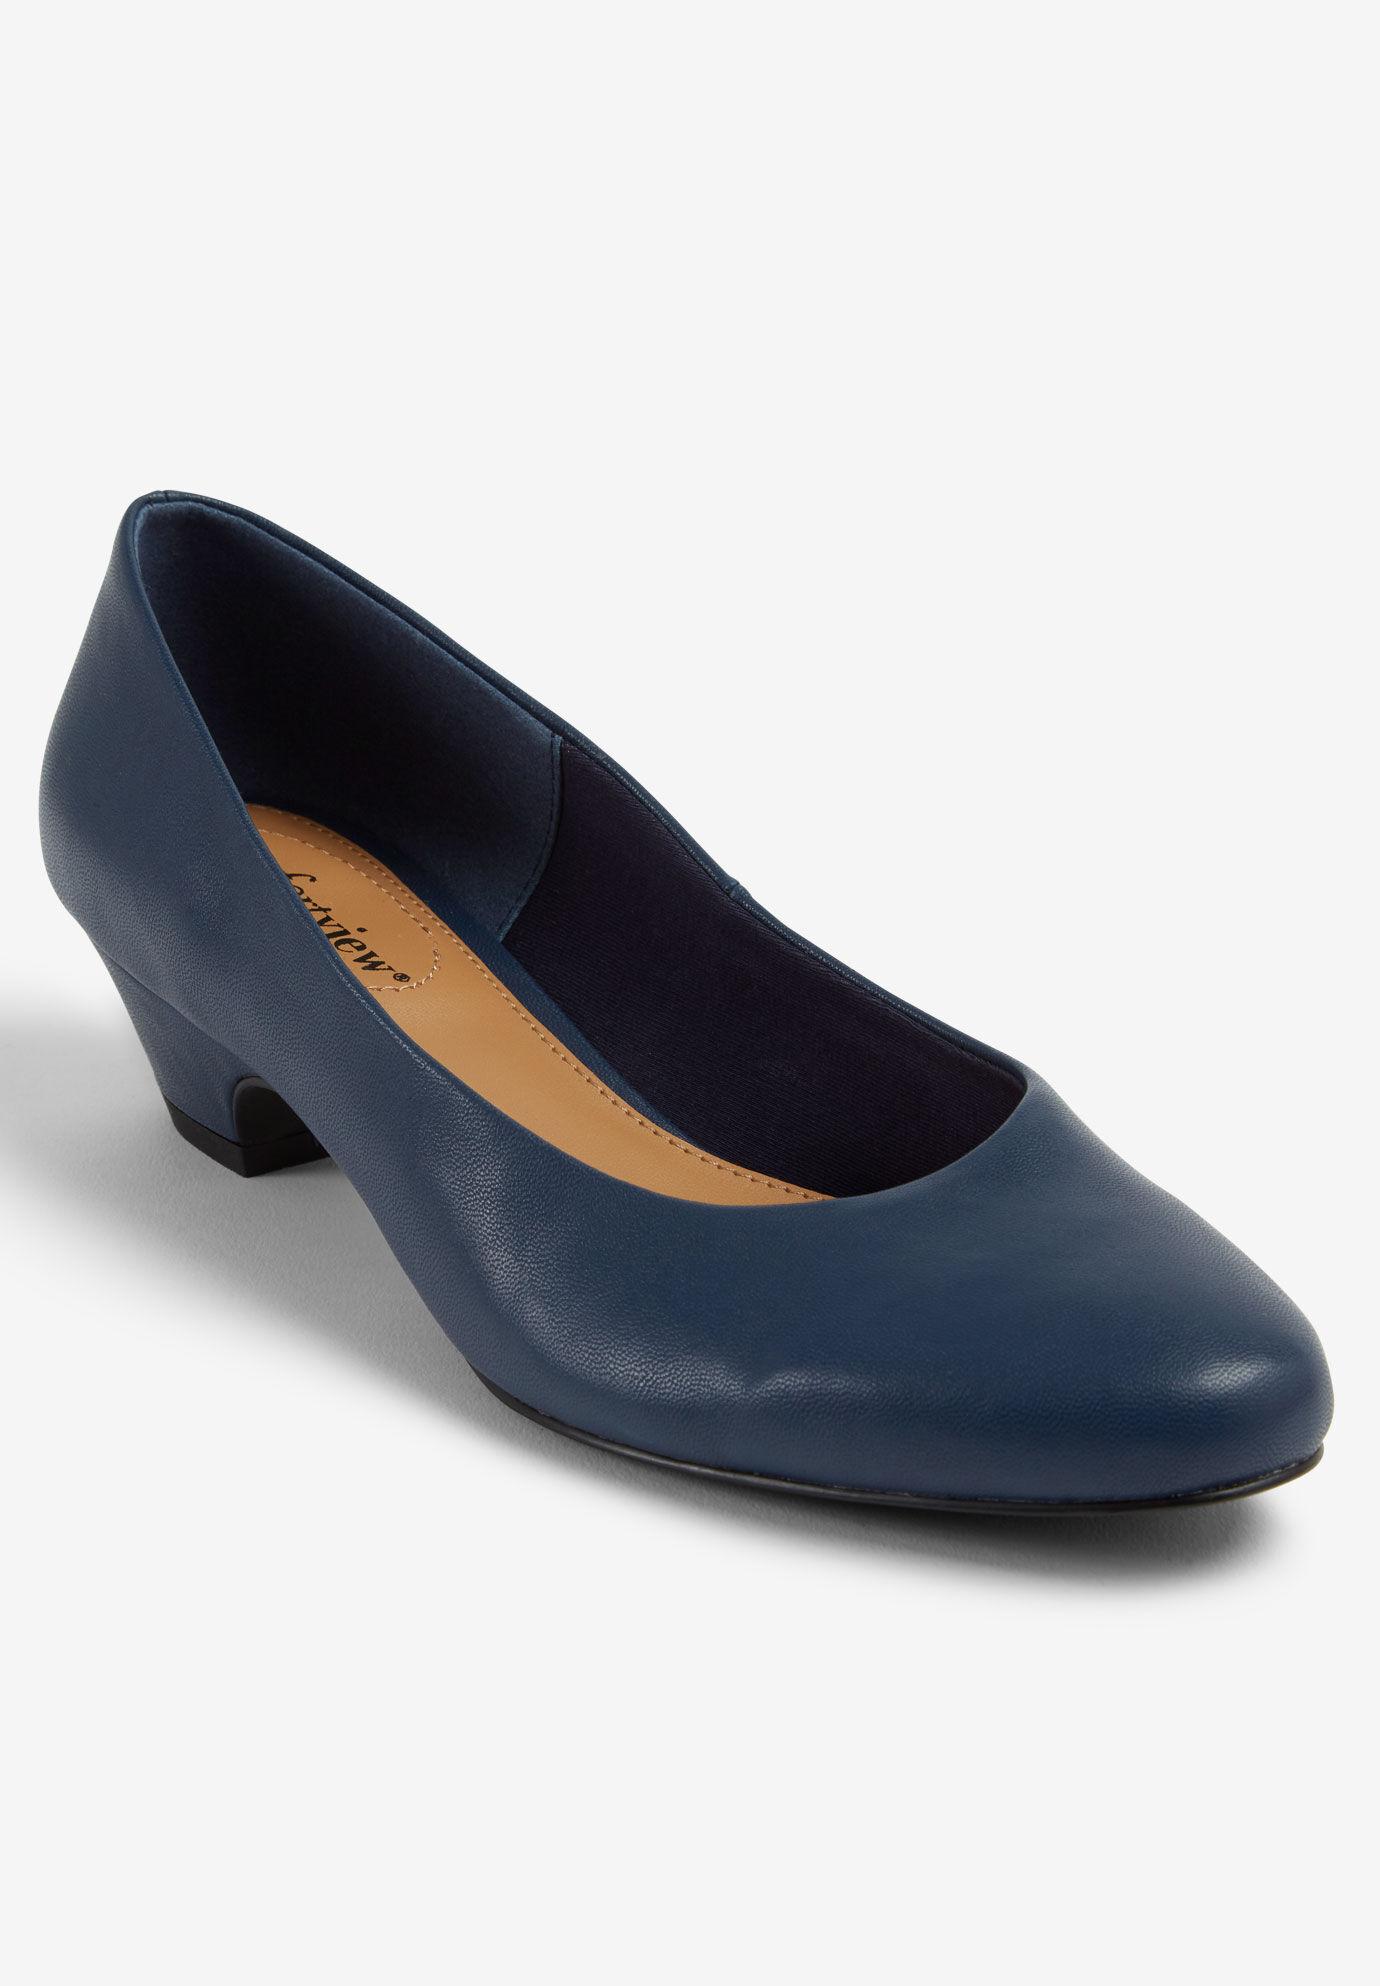 Women's Wide Width Dress Shoes | Woman